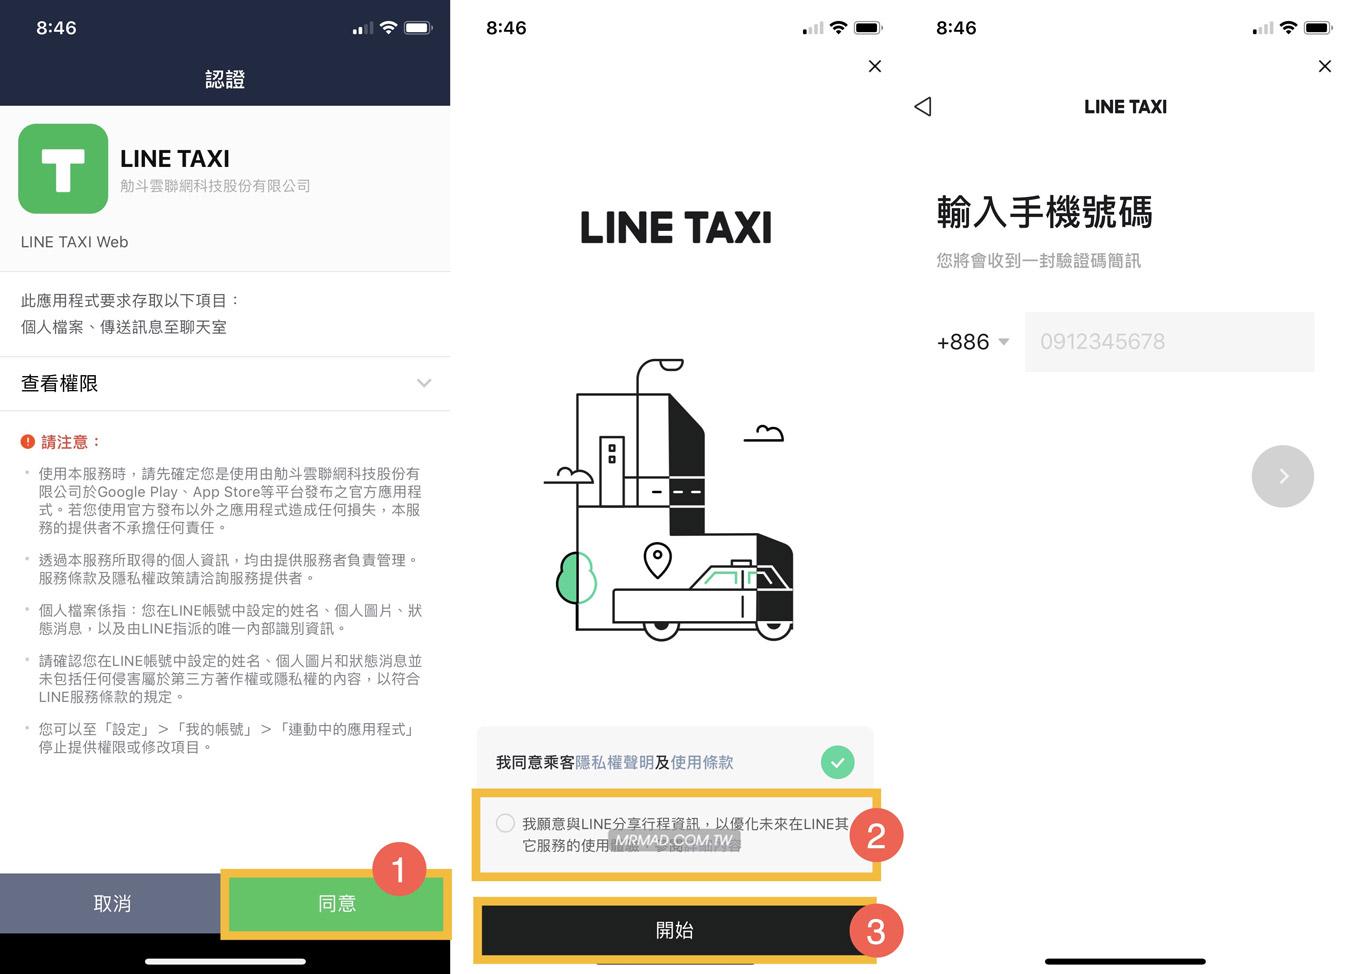 LINE TAXI 叫車平台設定教學2